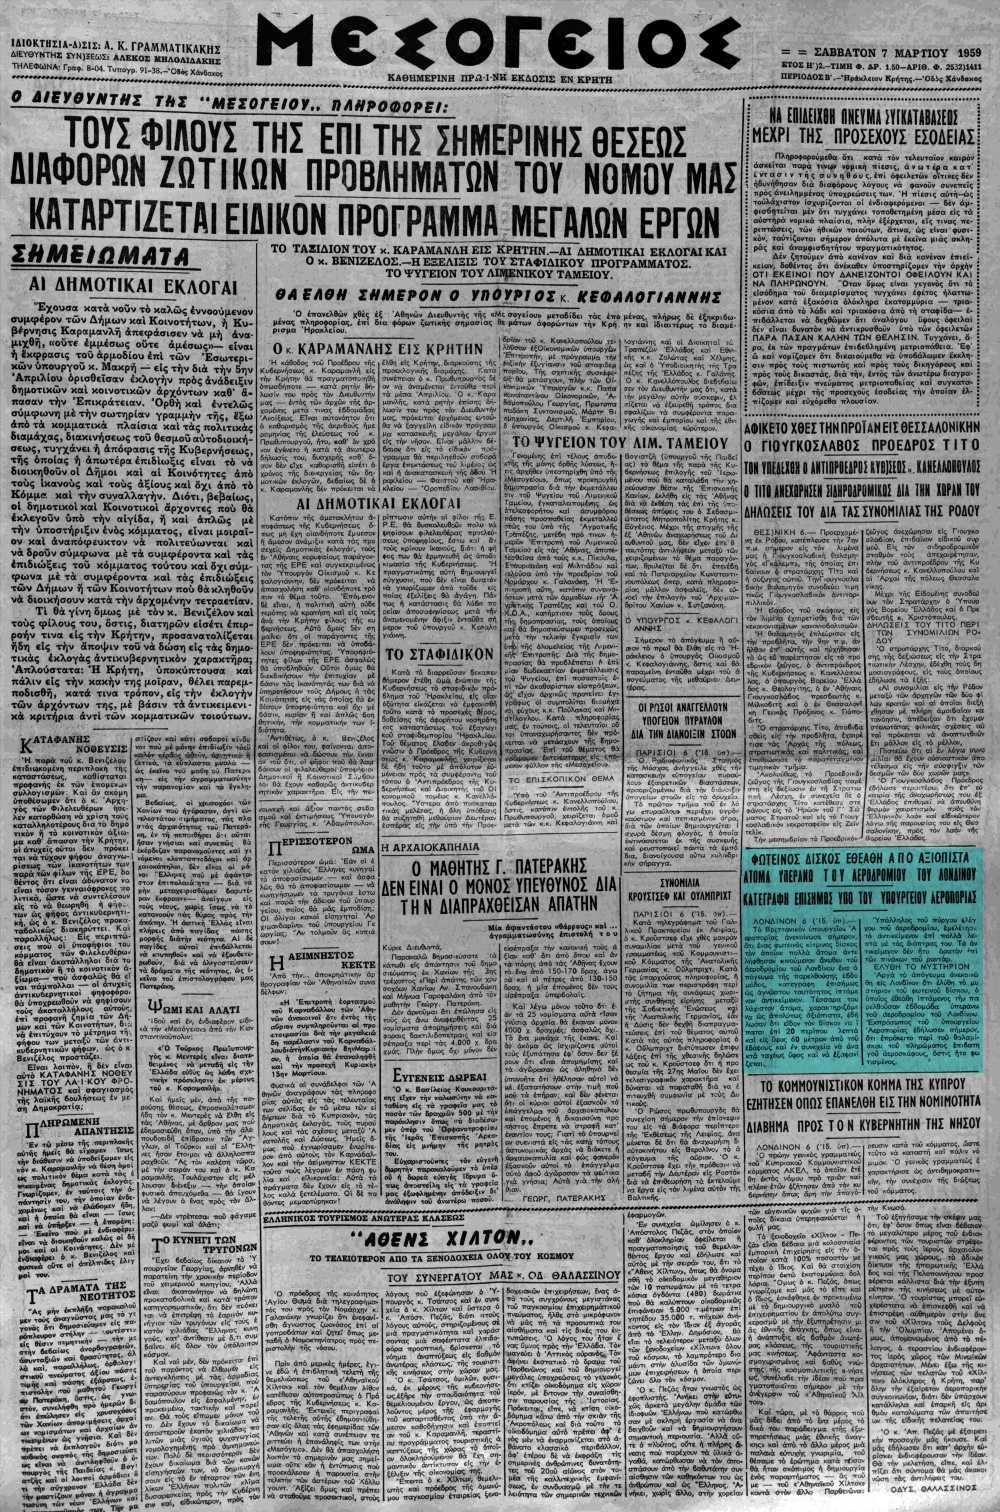 """Το άρθρο, όπως δημοσιεύθηκε στην εφημερίδα """"ΜΕΣΟΓΕΙΟΣ"""", στις 07/03/1959"""